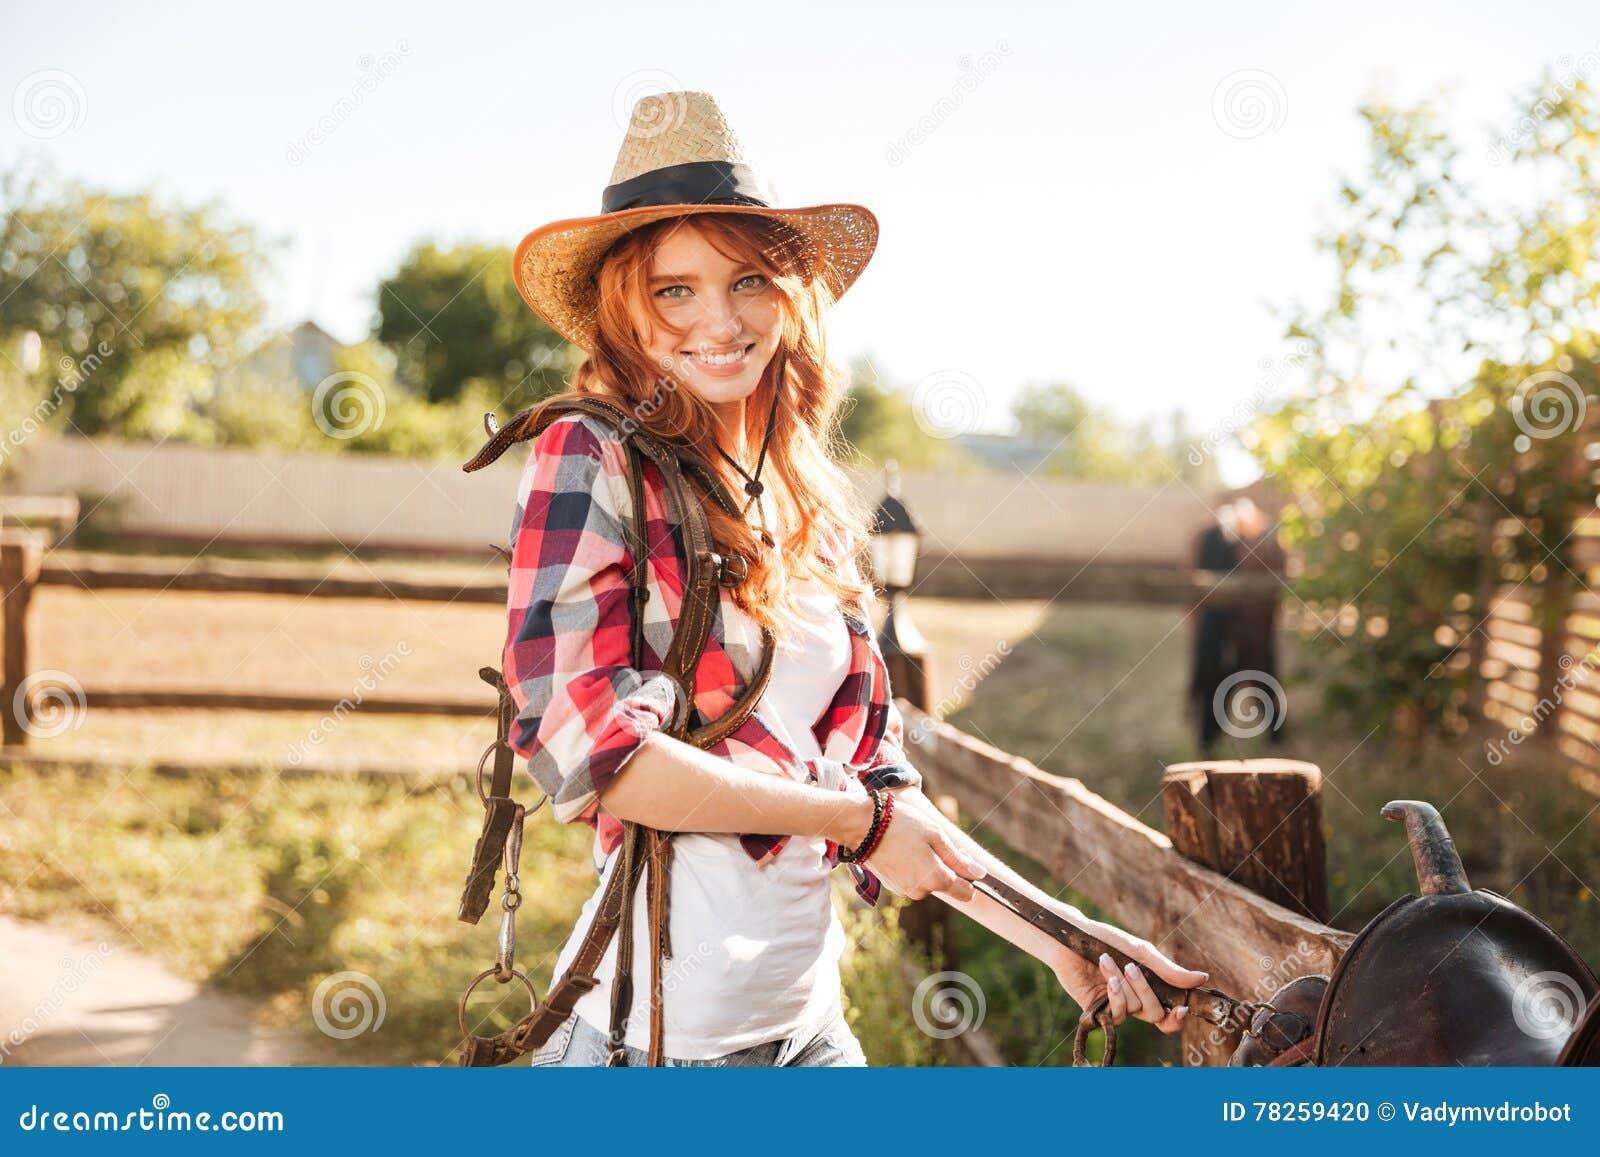 Ευτυχής γυναίκα cowgirl που προετοιμάζει τη σέλα για την οδήγηση του αλόγου